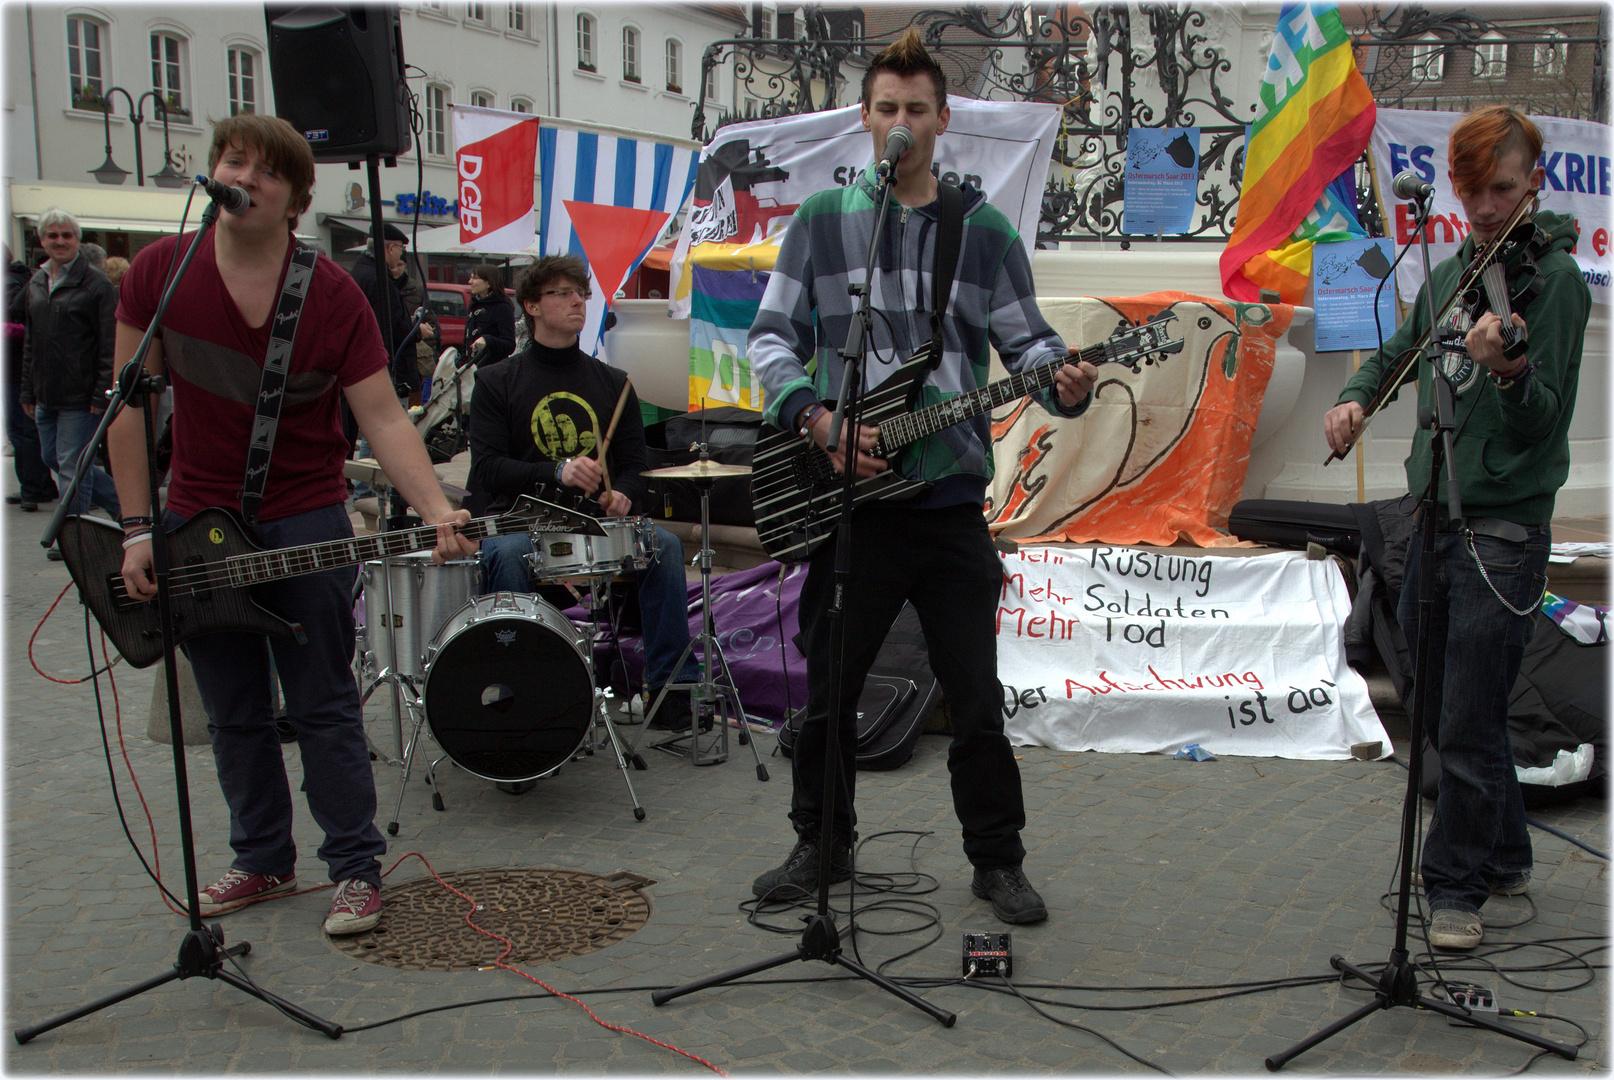 Friedensbewegung 2013